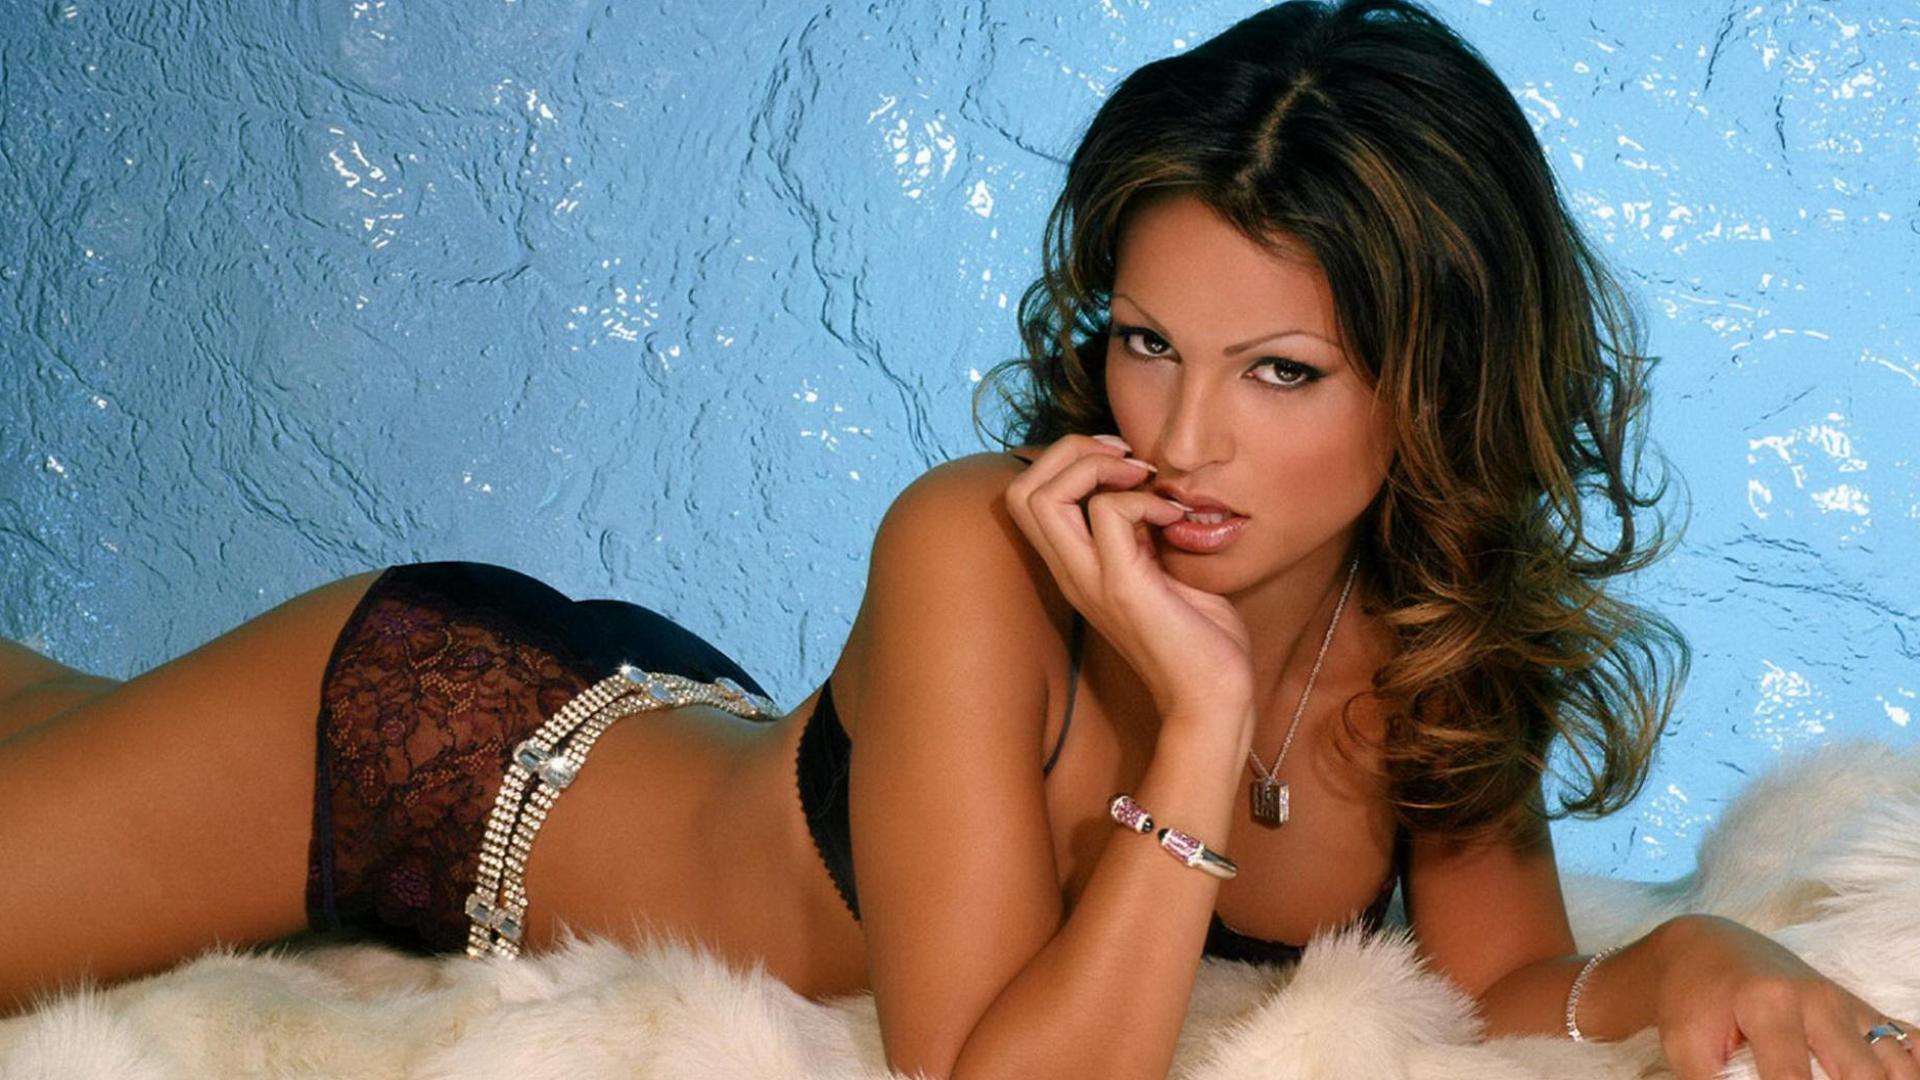 Смотреть порно самые красивые девочки онлайн бесплатно в хорошем качестве 13 фотография